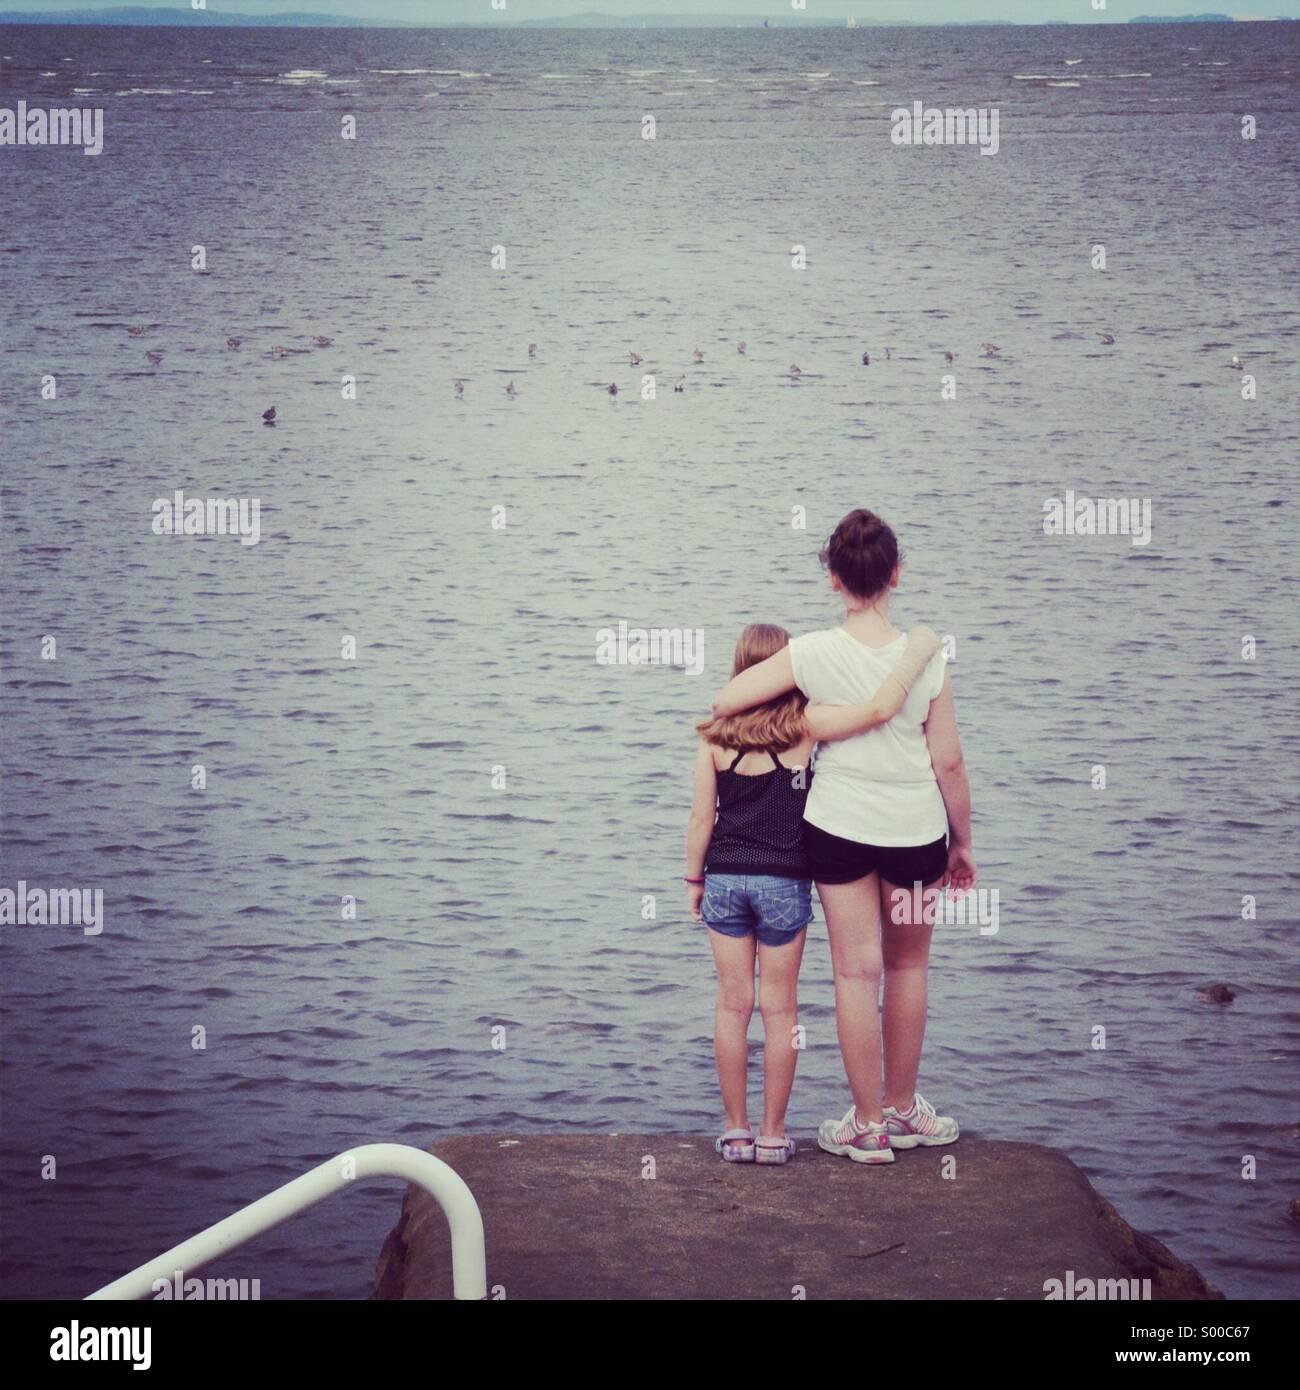 Zwei junge Mädchen umarmen am Meer. Stockbild